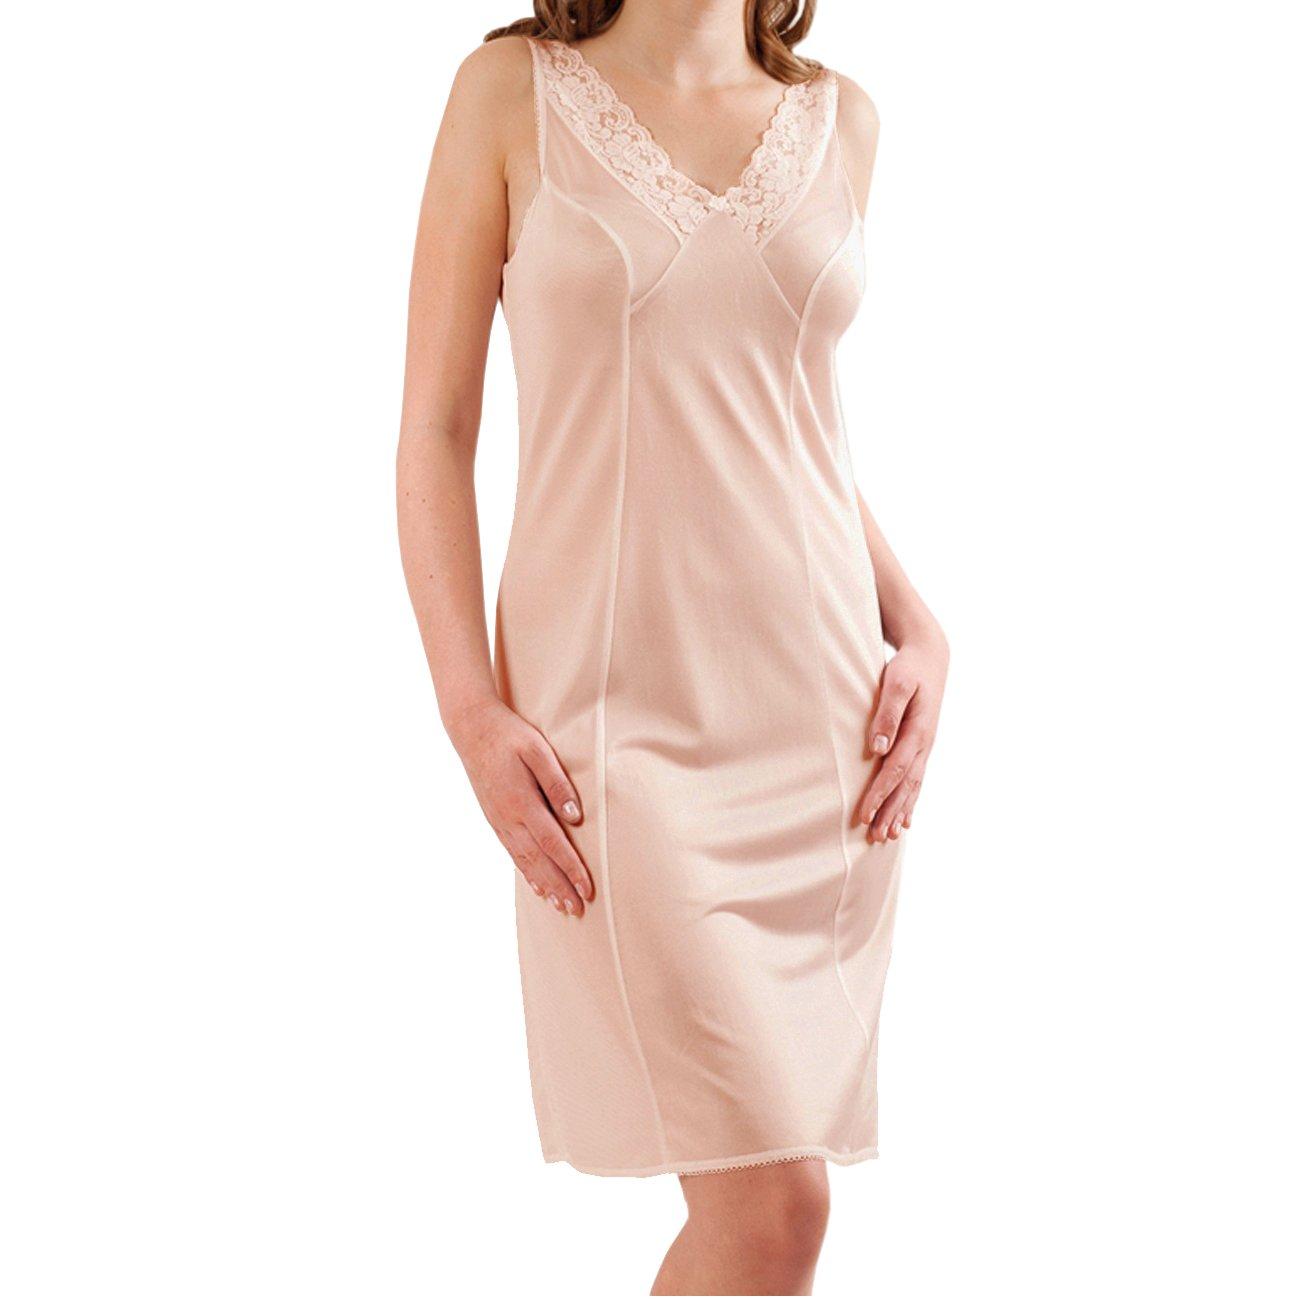 Graziella Damen Unterrock Unterkleid mit Spitze Gr. 40-60 ca. 98 cm Antistatisch Made in Germany 27450592